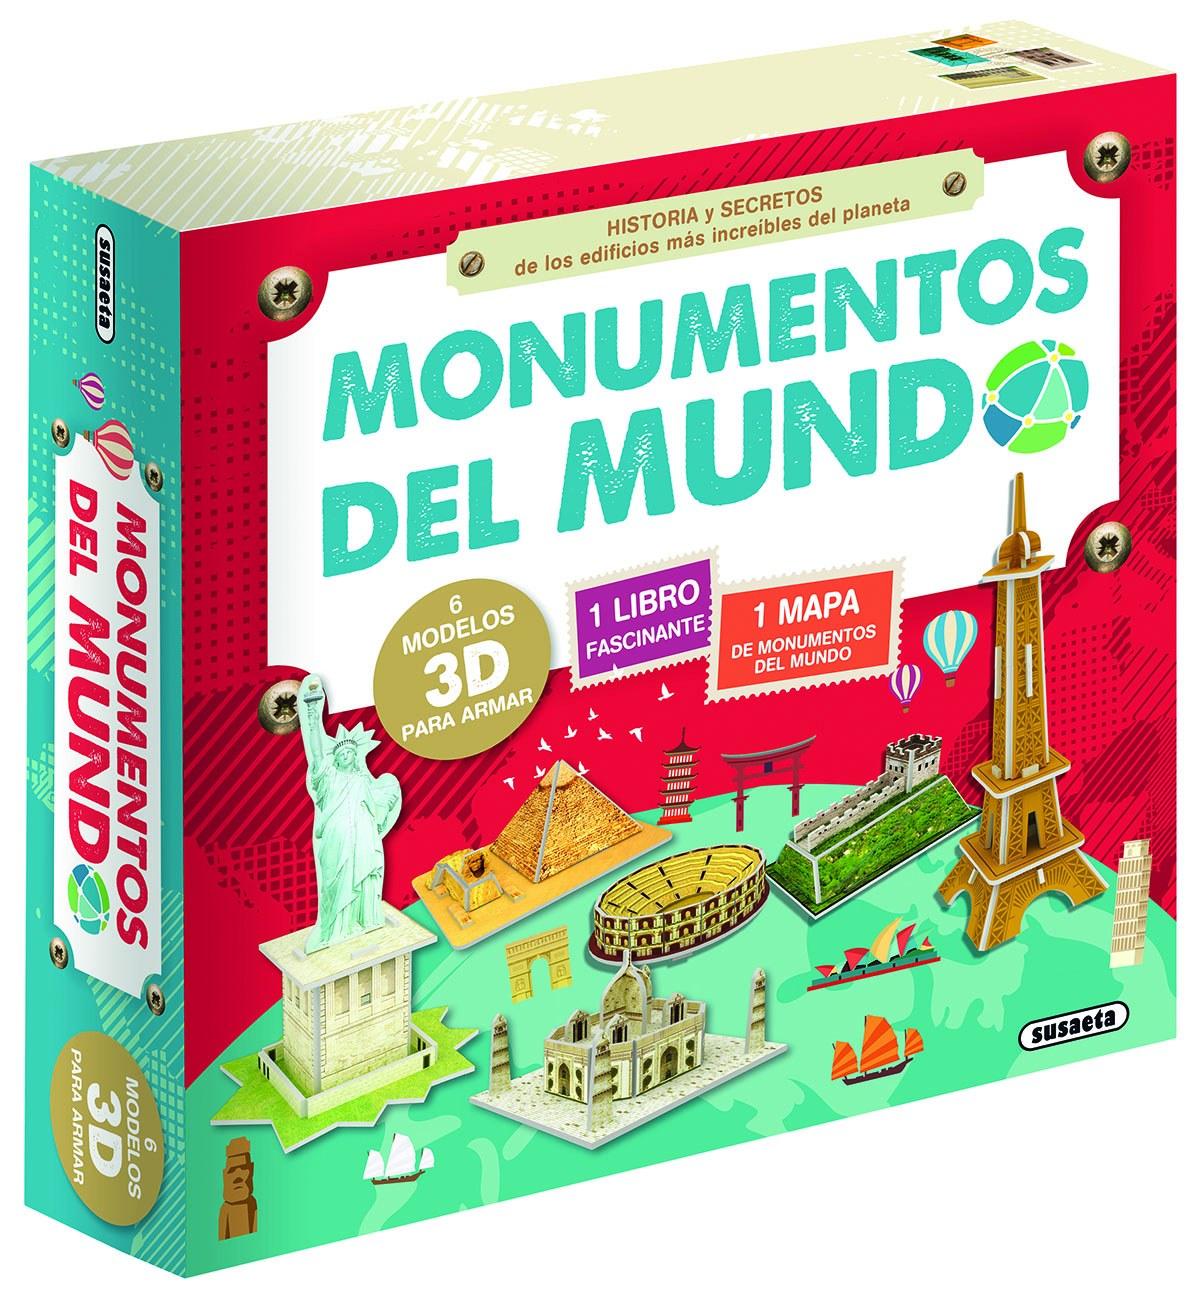 MONUMENTO DEL MUNDO